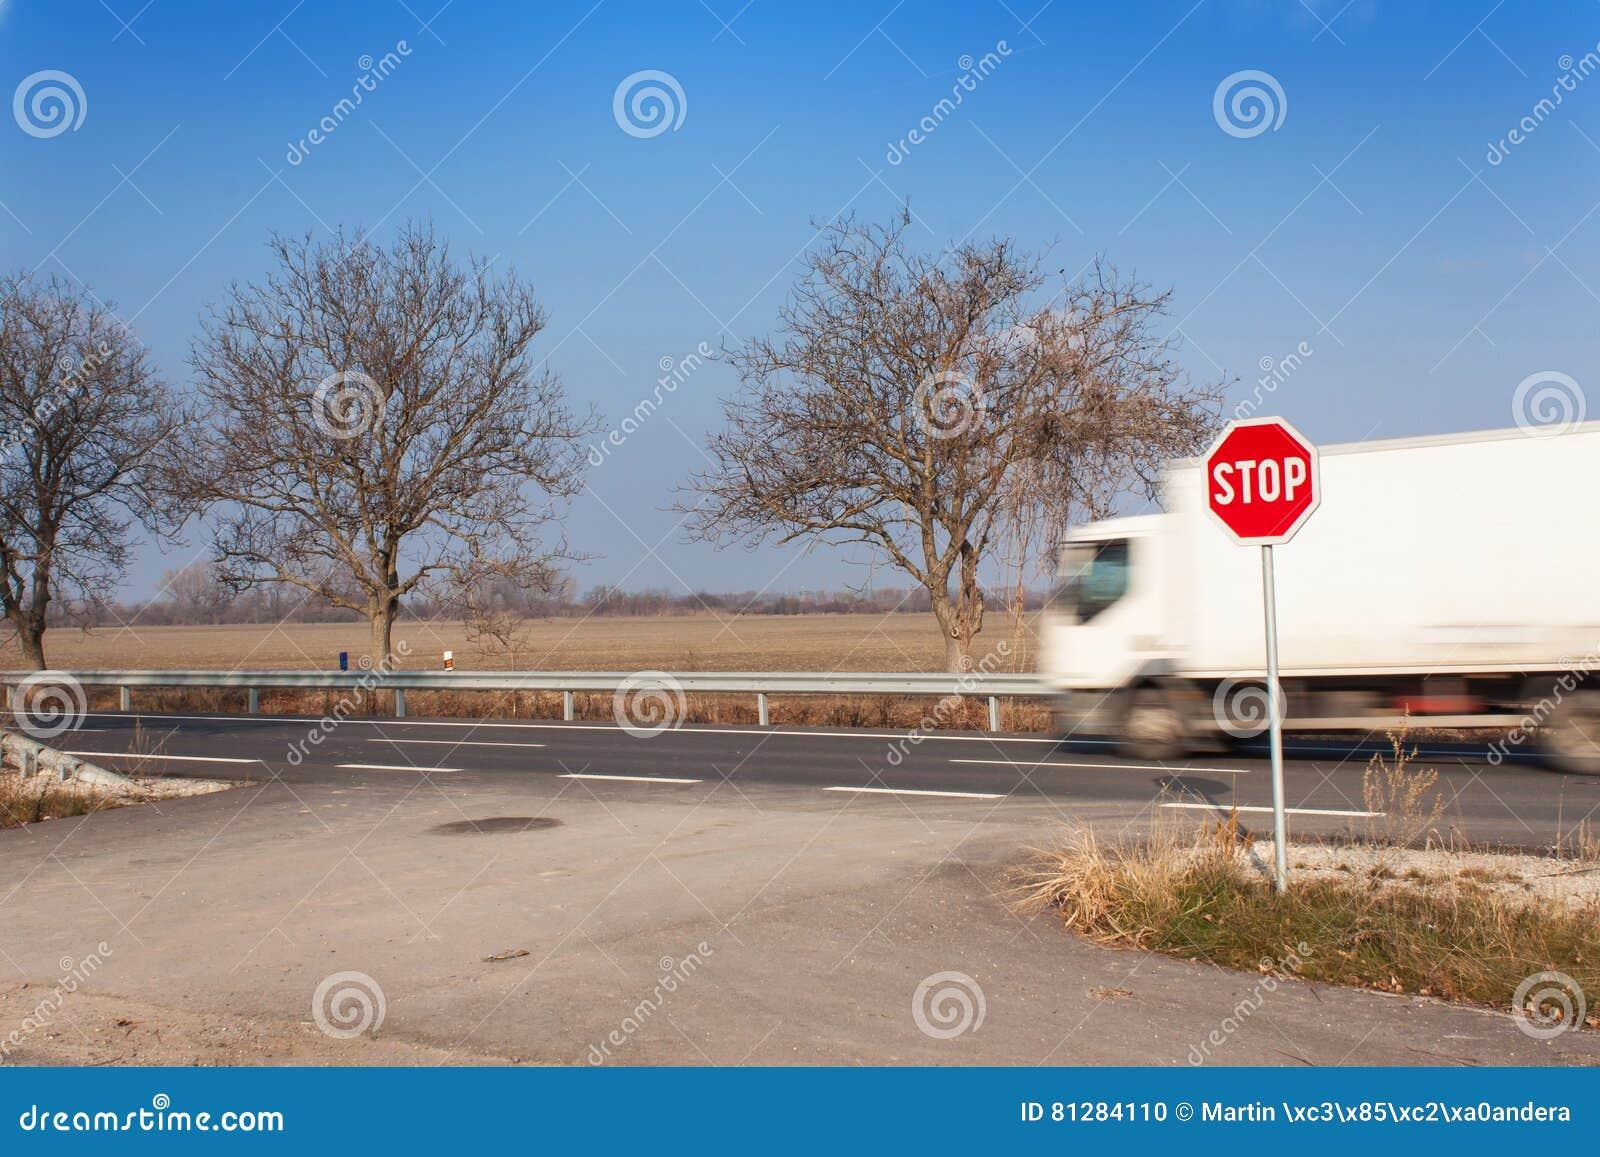 Остановите знак на перекрестках дорога сельская Выйдите на главную дорогу Главная дорога опасная дорога Стоп знаков уличного движ